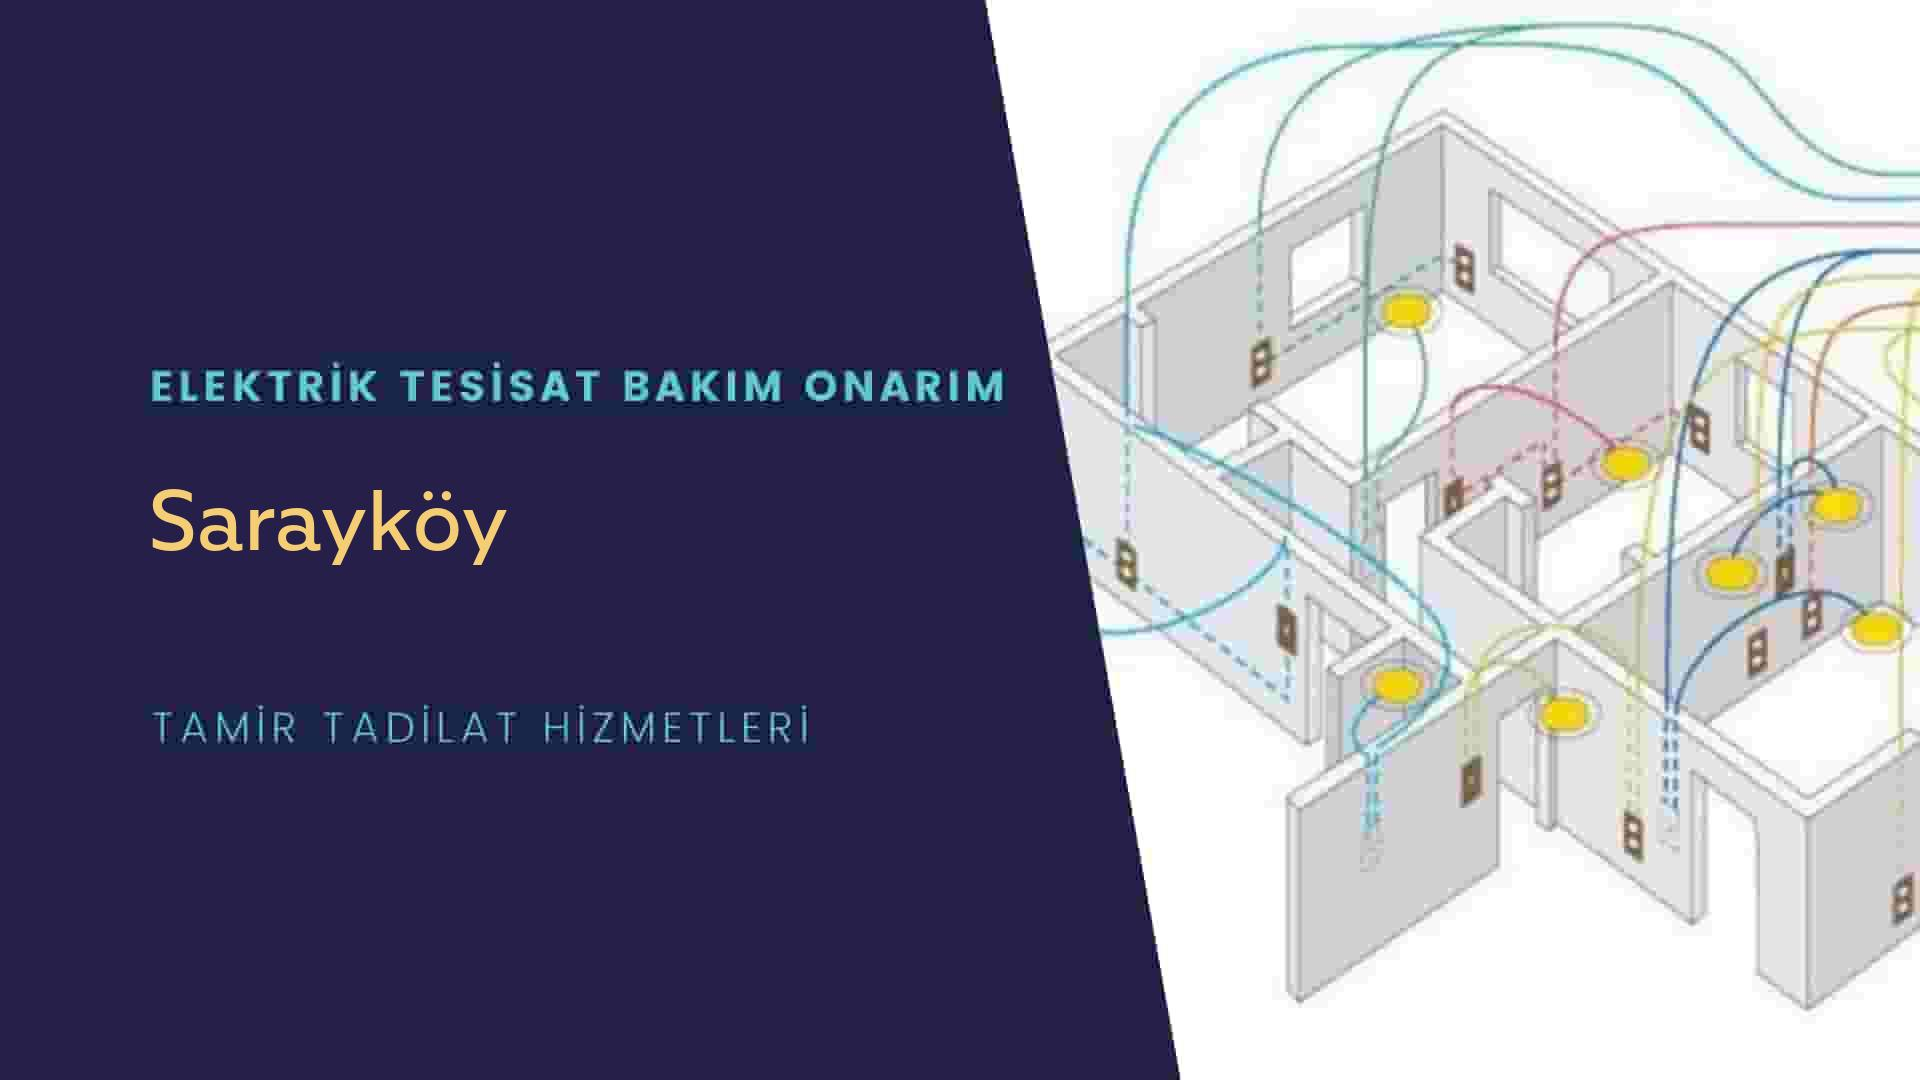 Sarayköy'de elektrik tesisatıustalarımı arıyorsunuz doğru adrestenizi Sarayköy elektrik tesisatı ustalarımız 7/24 sizlere hizmet vermekten mutluluk duyar.